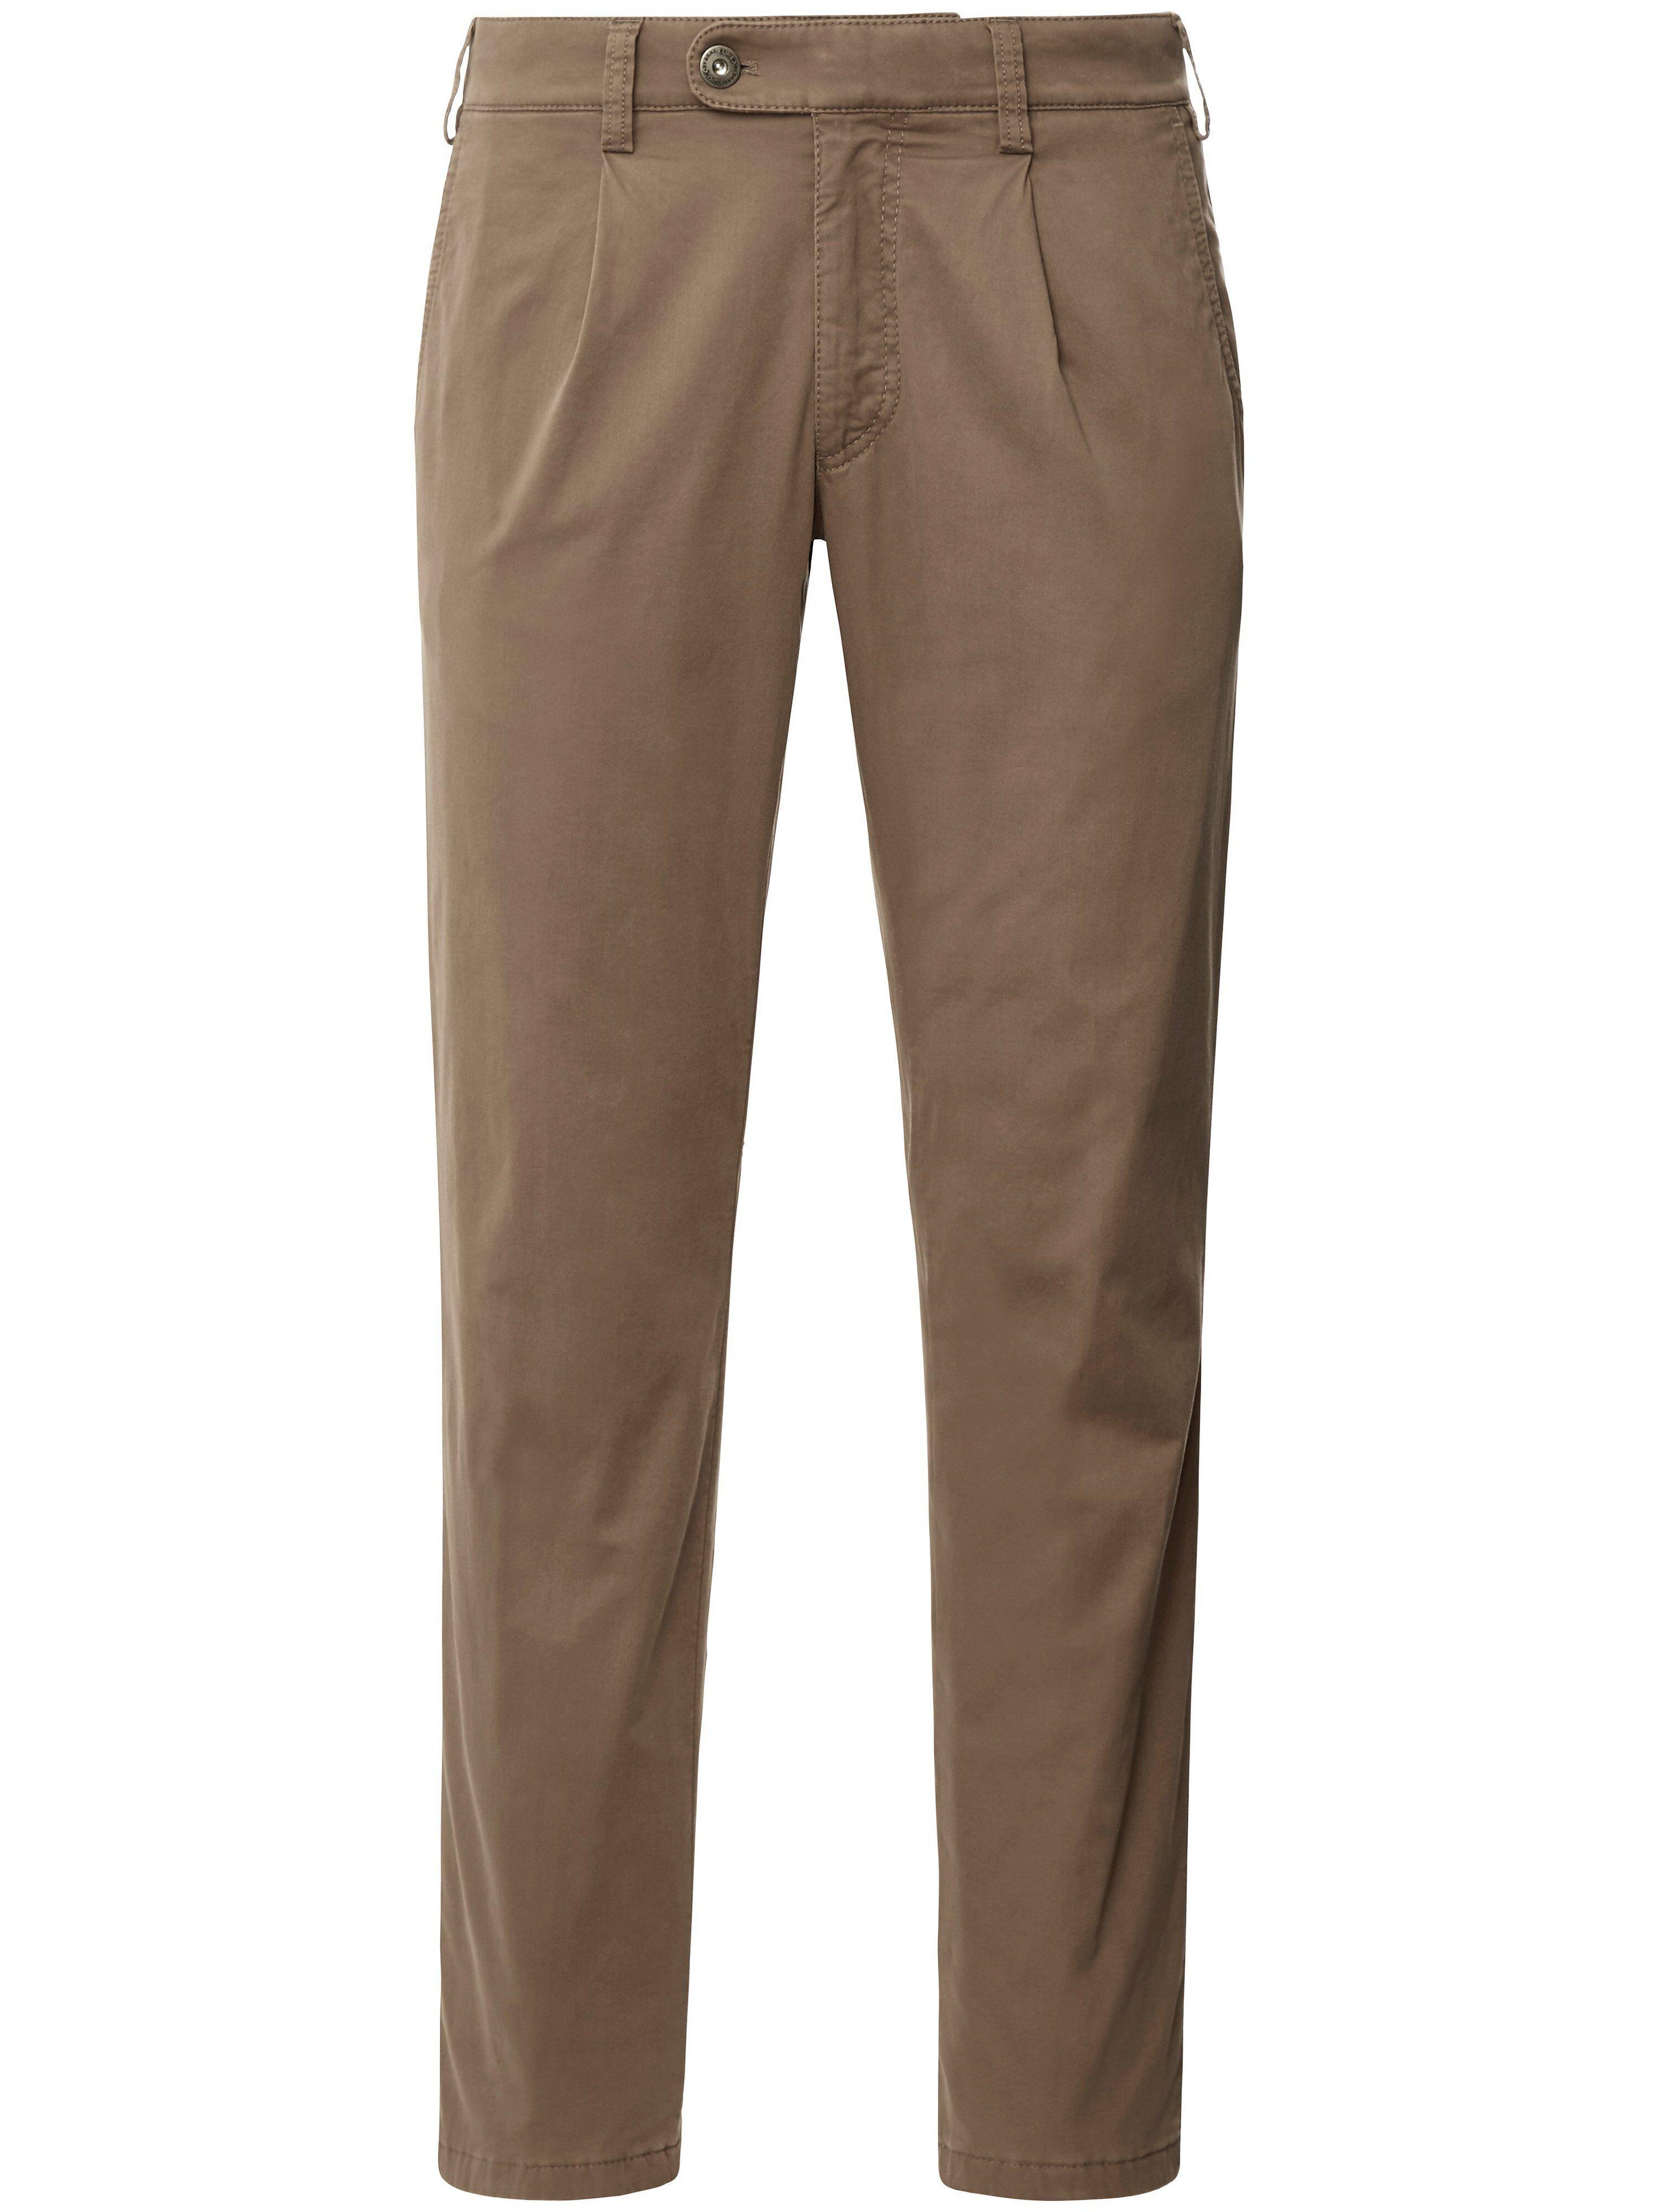 Brax La pantalon chaud à pinces modèle Luis  Eurex by Brax beige  - Homme - 25